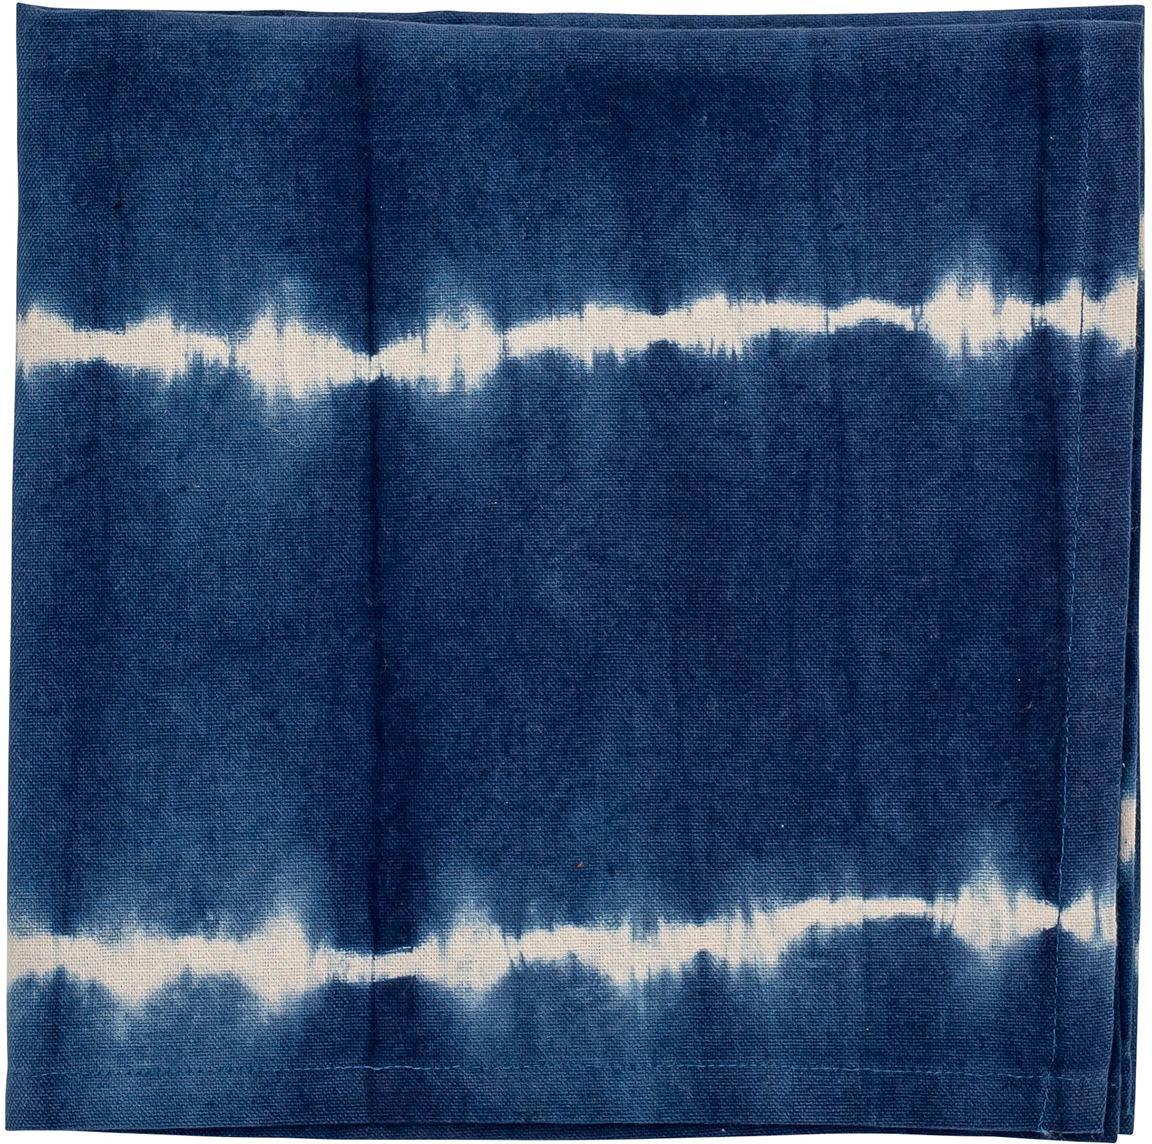 Baumwoll-Servietten Alden im Batiklook, 4 Stück, Baumwolle, Blau, 45 x 45 cm